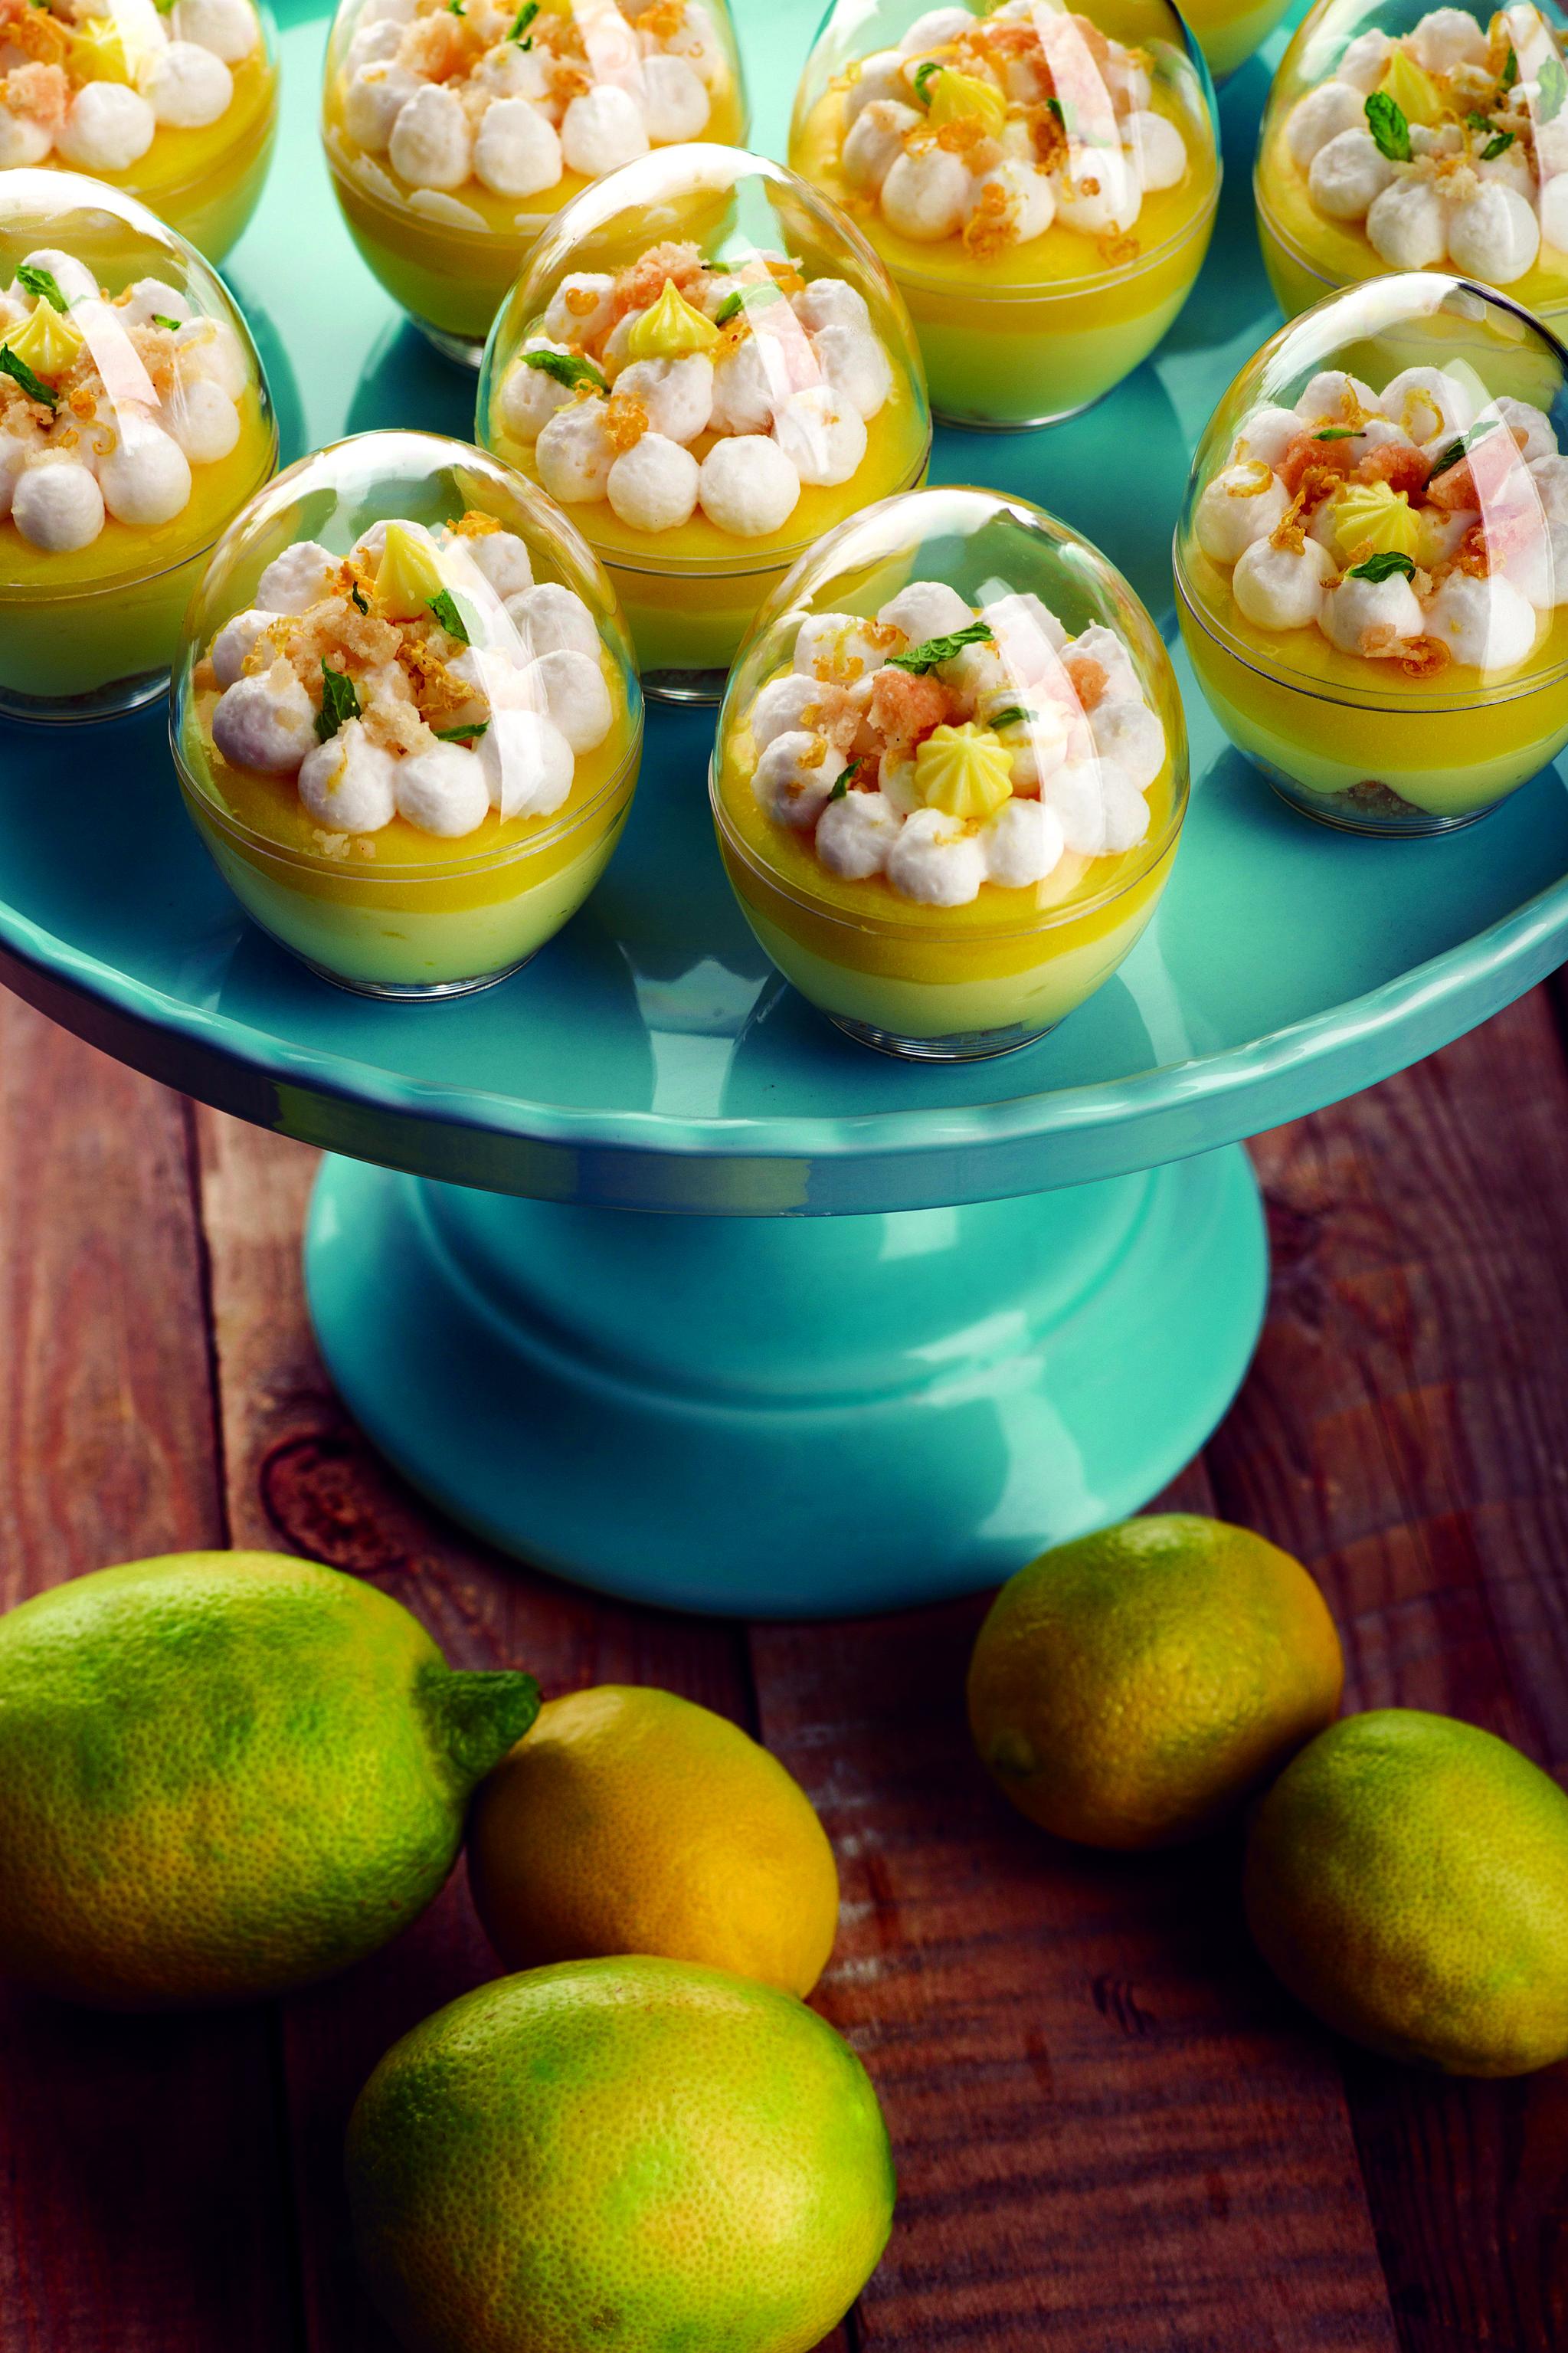 Киндер-сюрпризы с лимонным тартом. Фото: Анатолий Криницкий